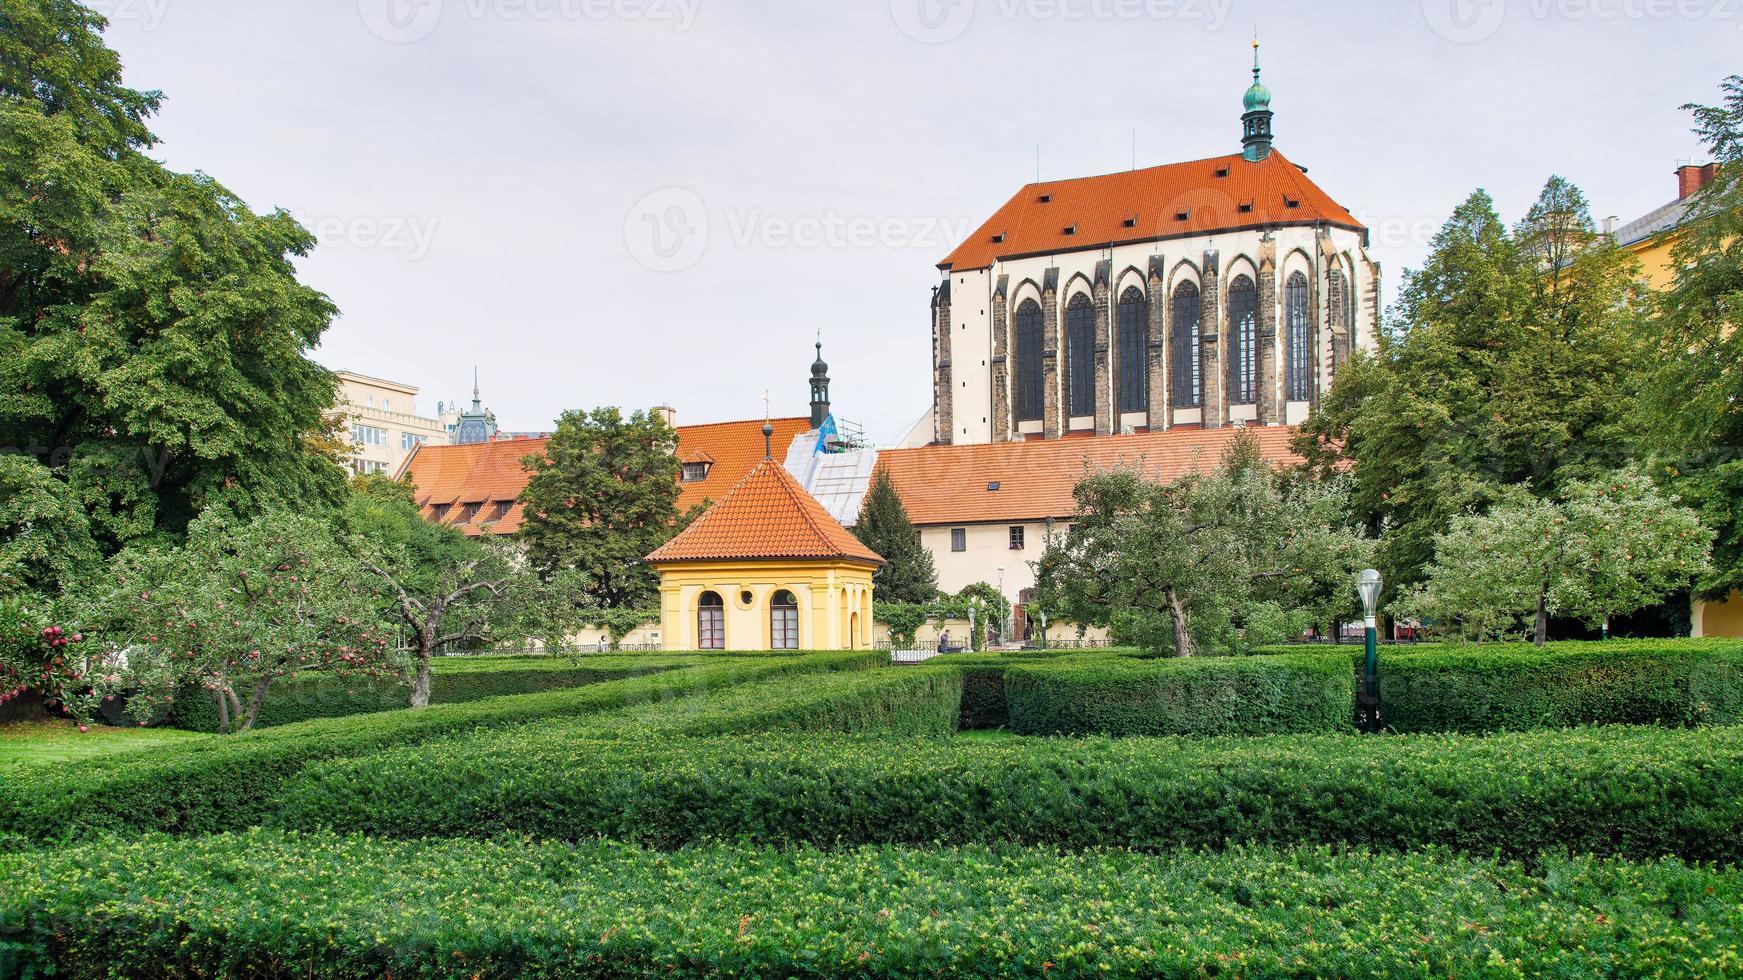 la chiesa della vergine maria della neve e il giardino dei francescani foto